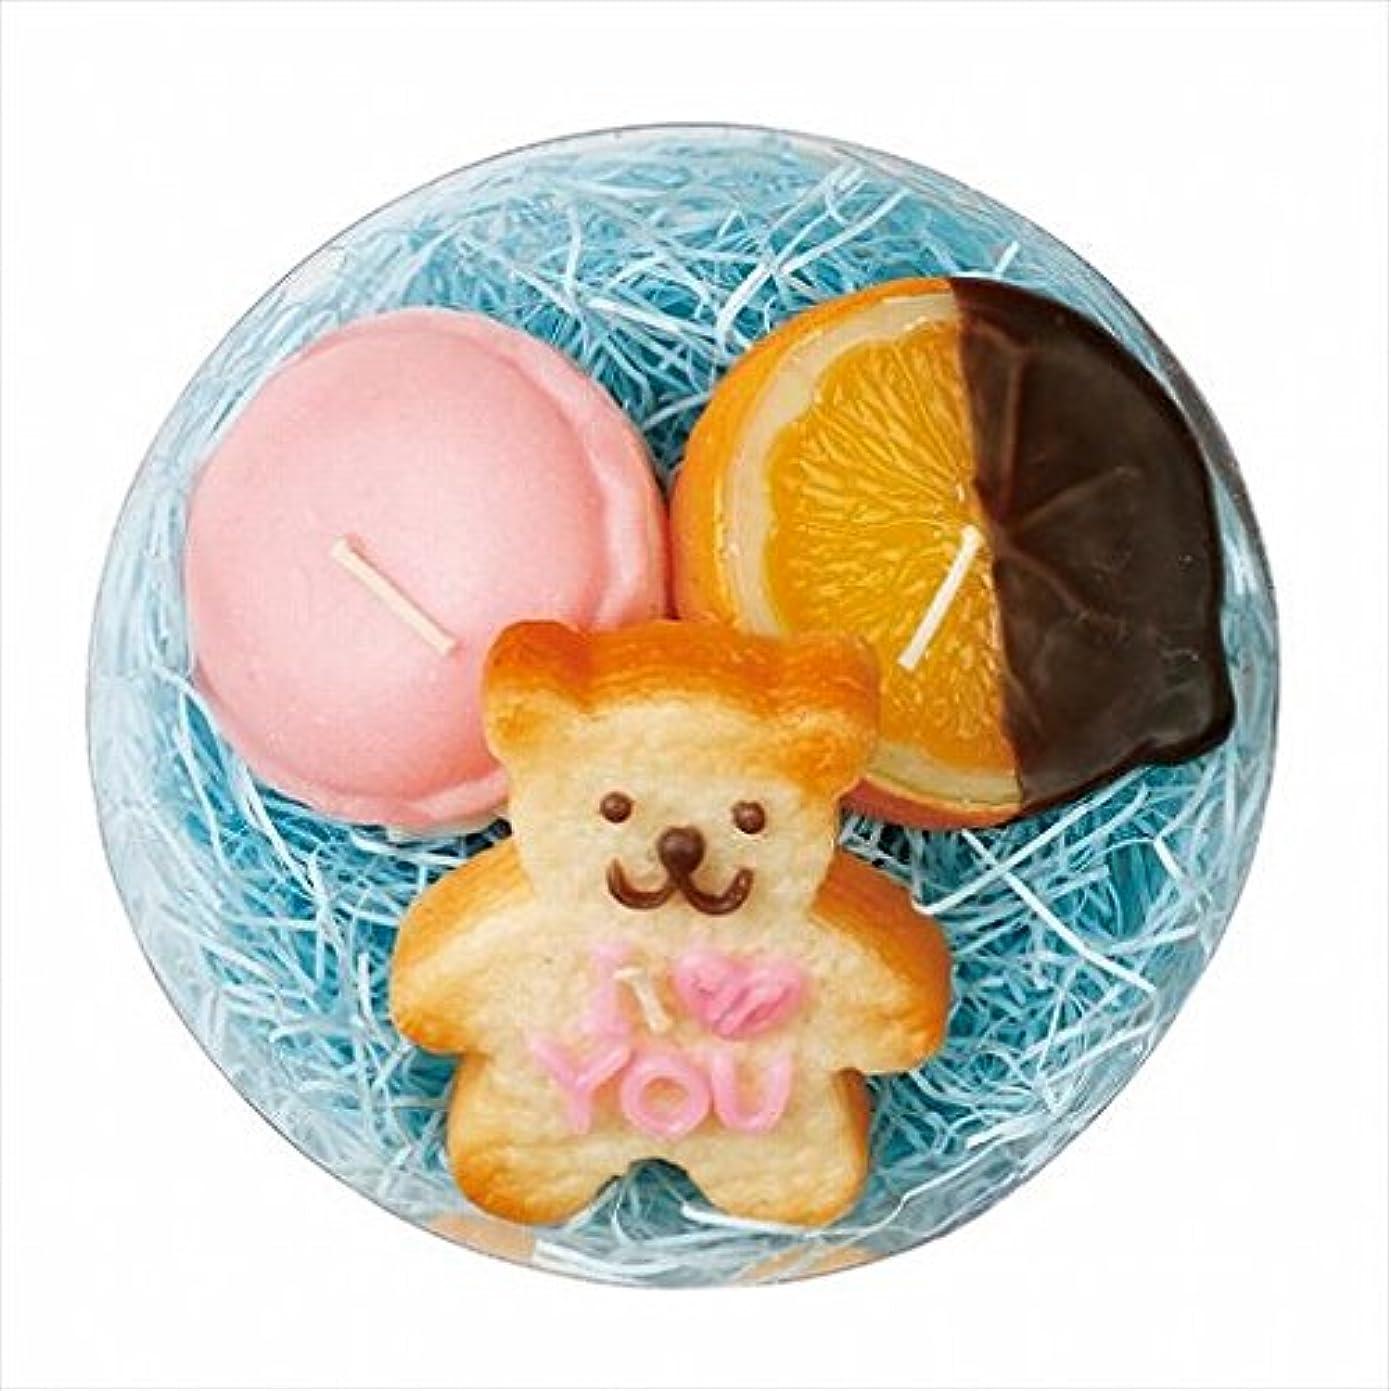 お肉請負業者省略sweets candle プチスイーツキャンドルセット 「 バニラベア 」